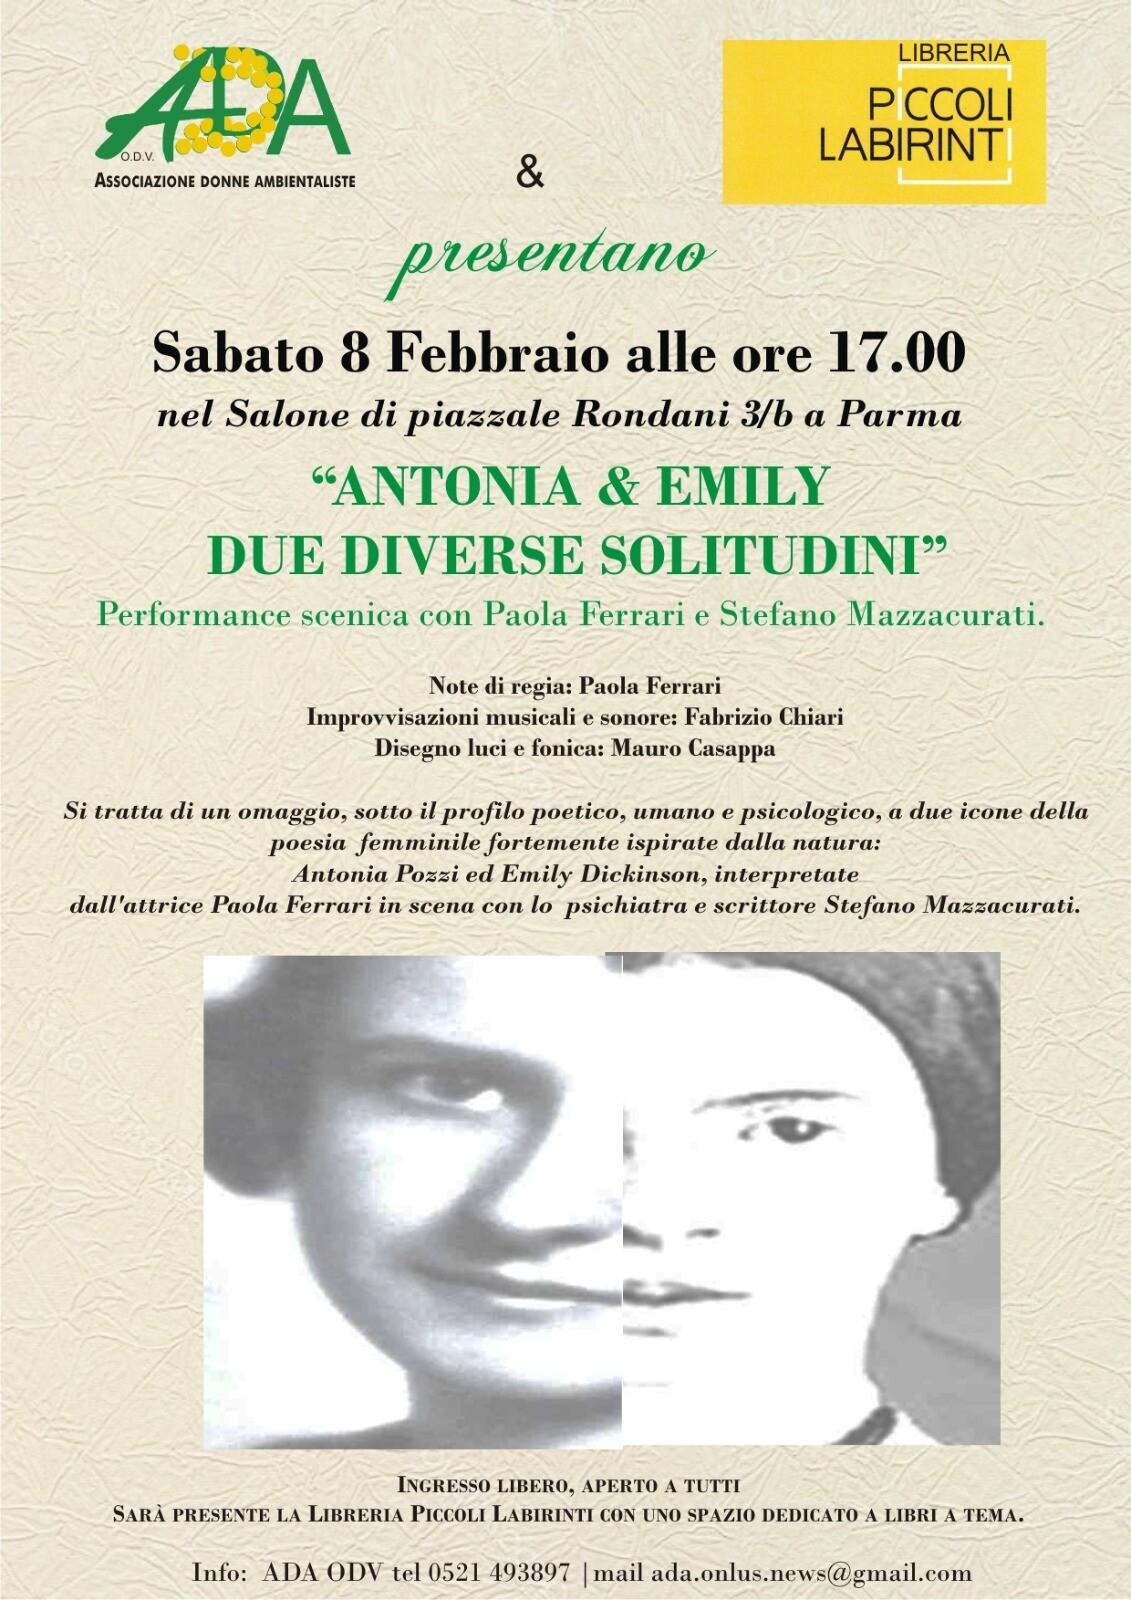 """Antonia & Emily.Due diverse solitudini"""" performance scenica con Paola Ferrari e Stefano Mazzacurati"""